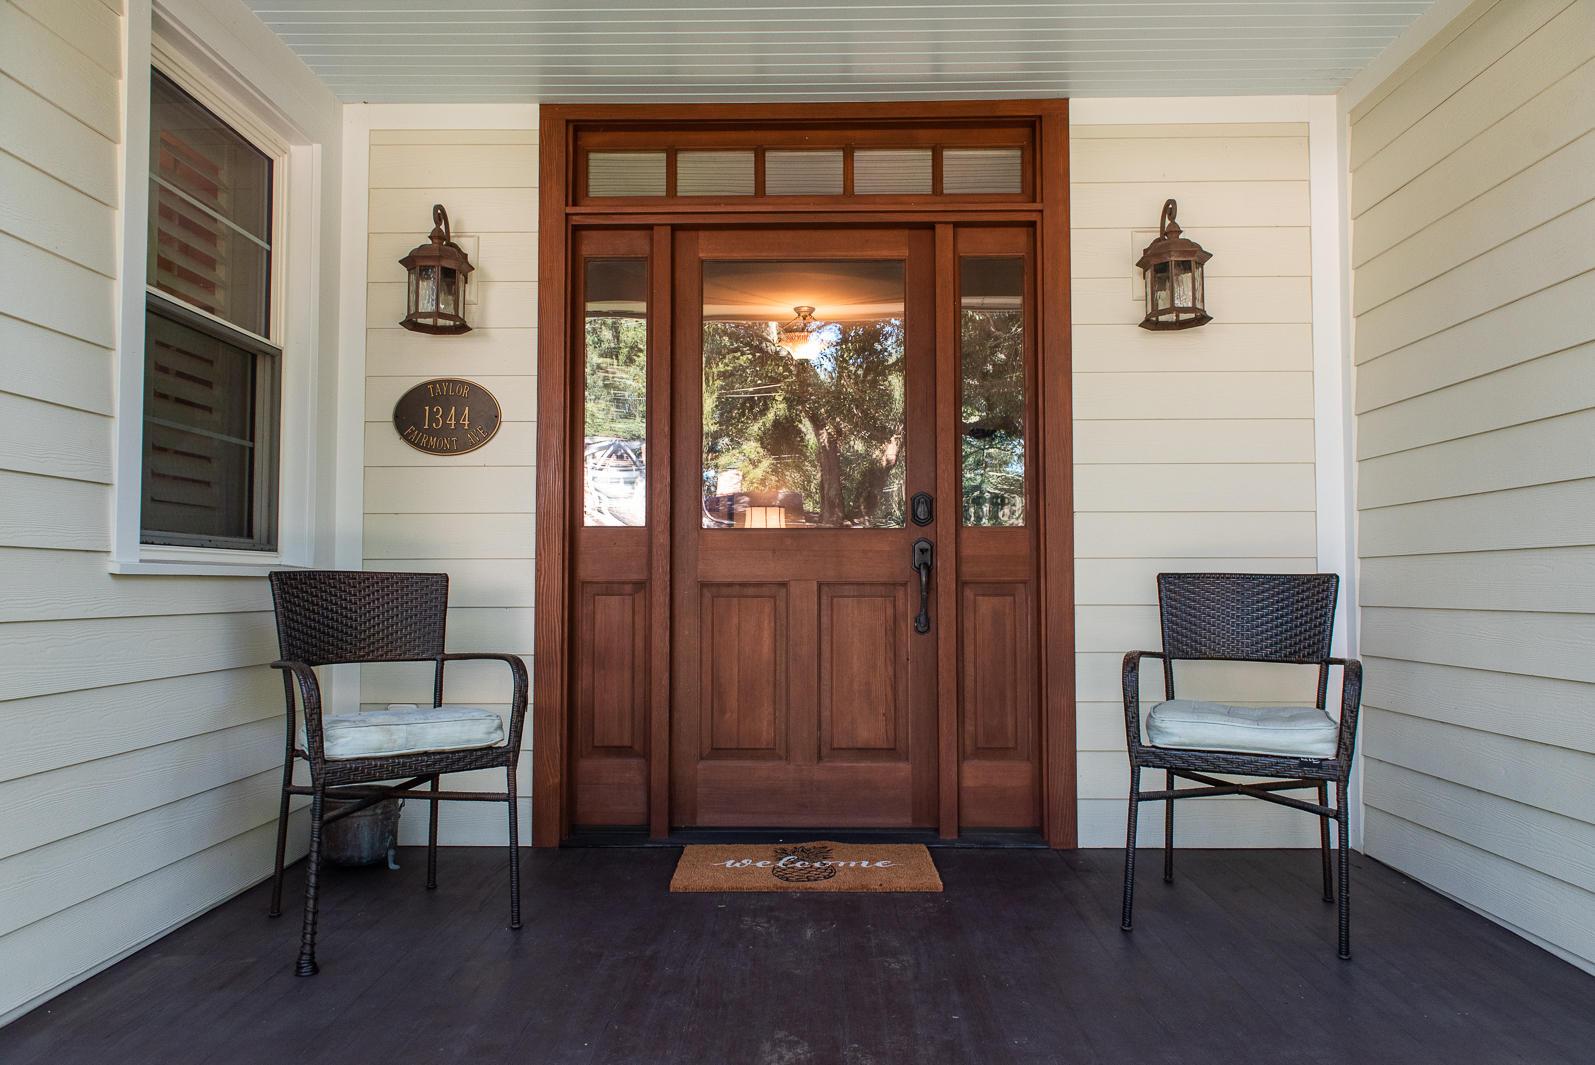 Old Mt Pleasant Homes For Sale - 1344 Fairmont, Mount Pleasant, SC - 9